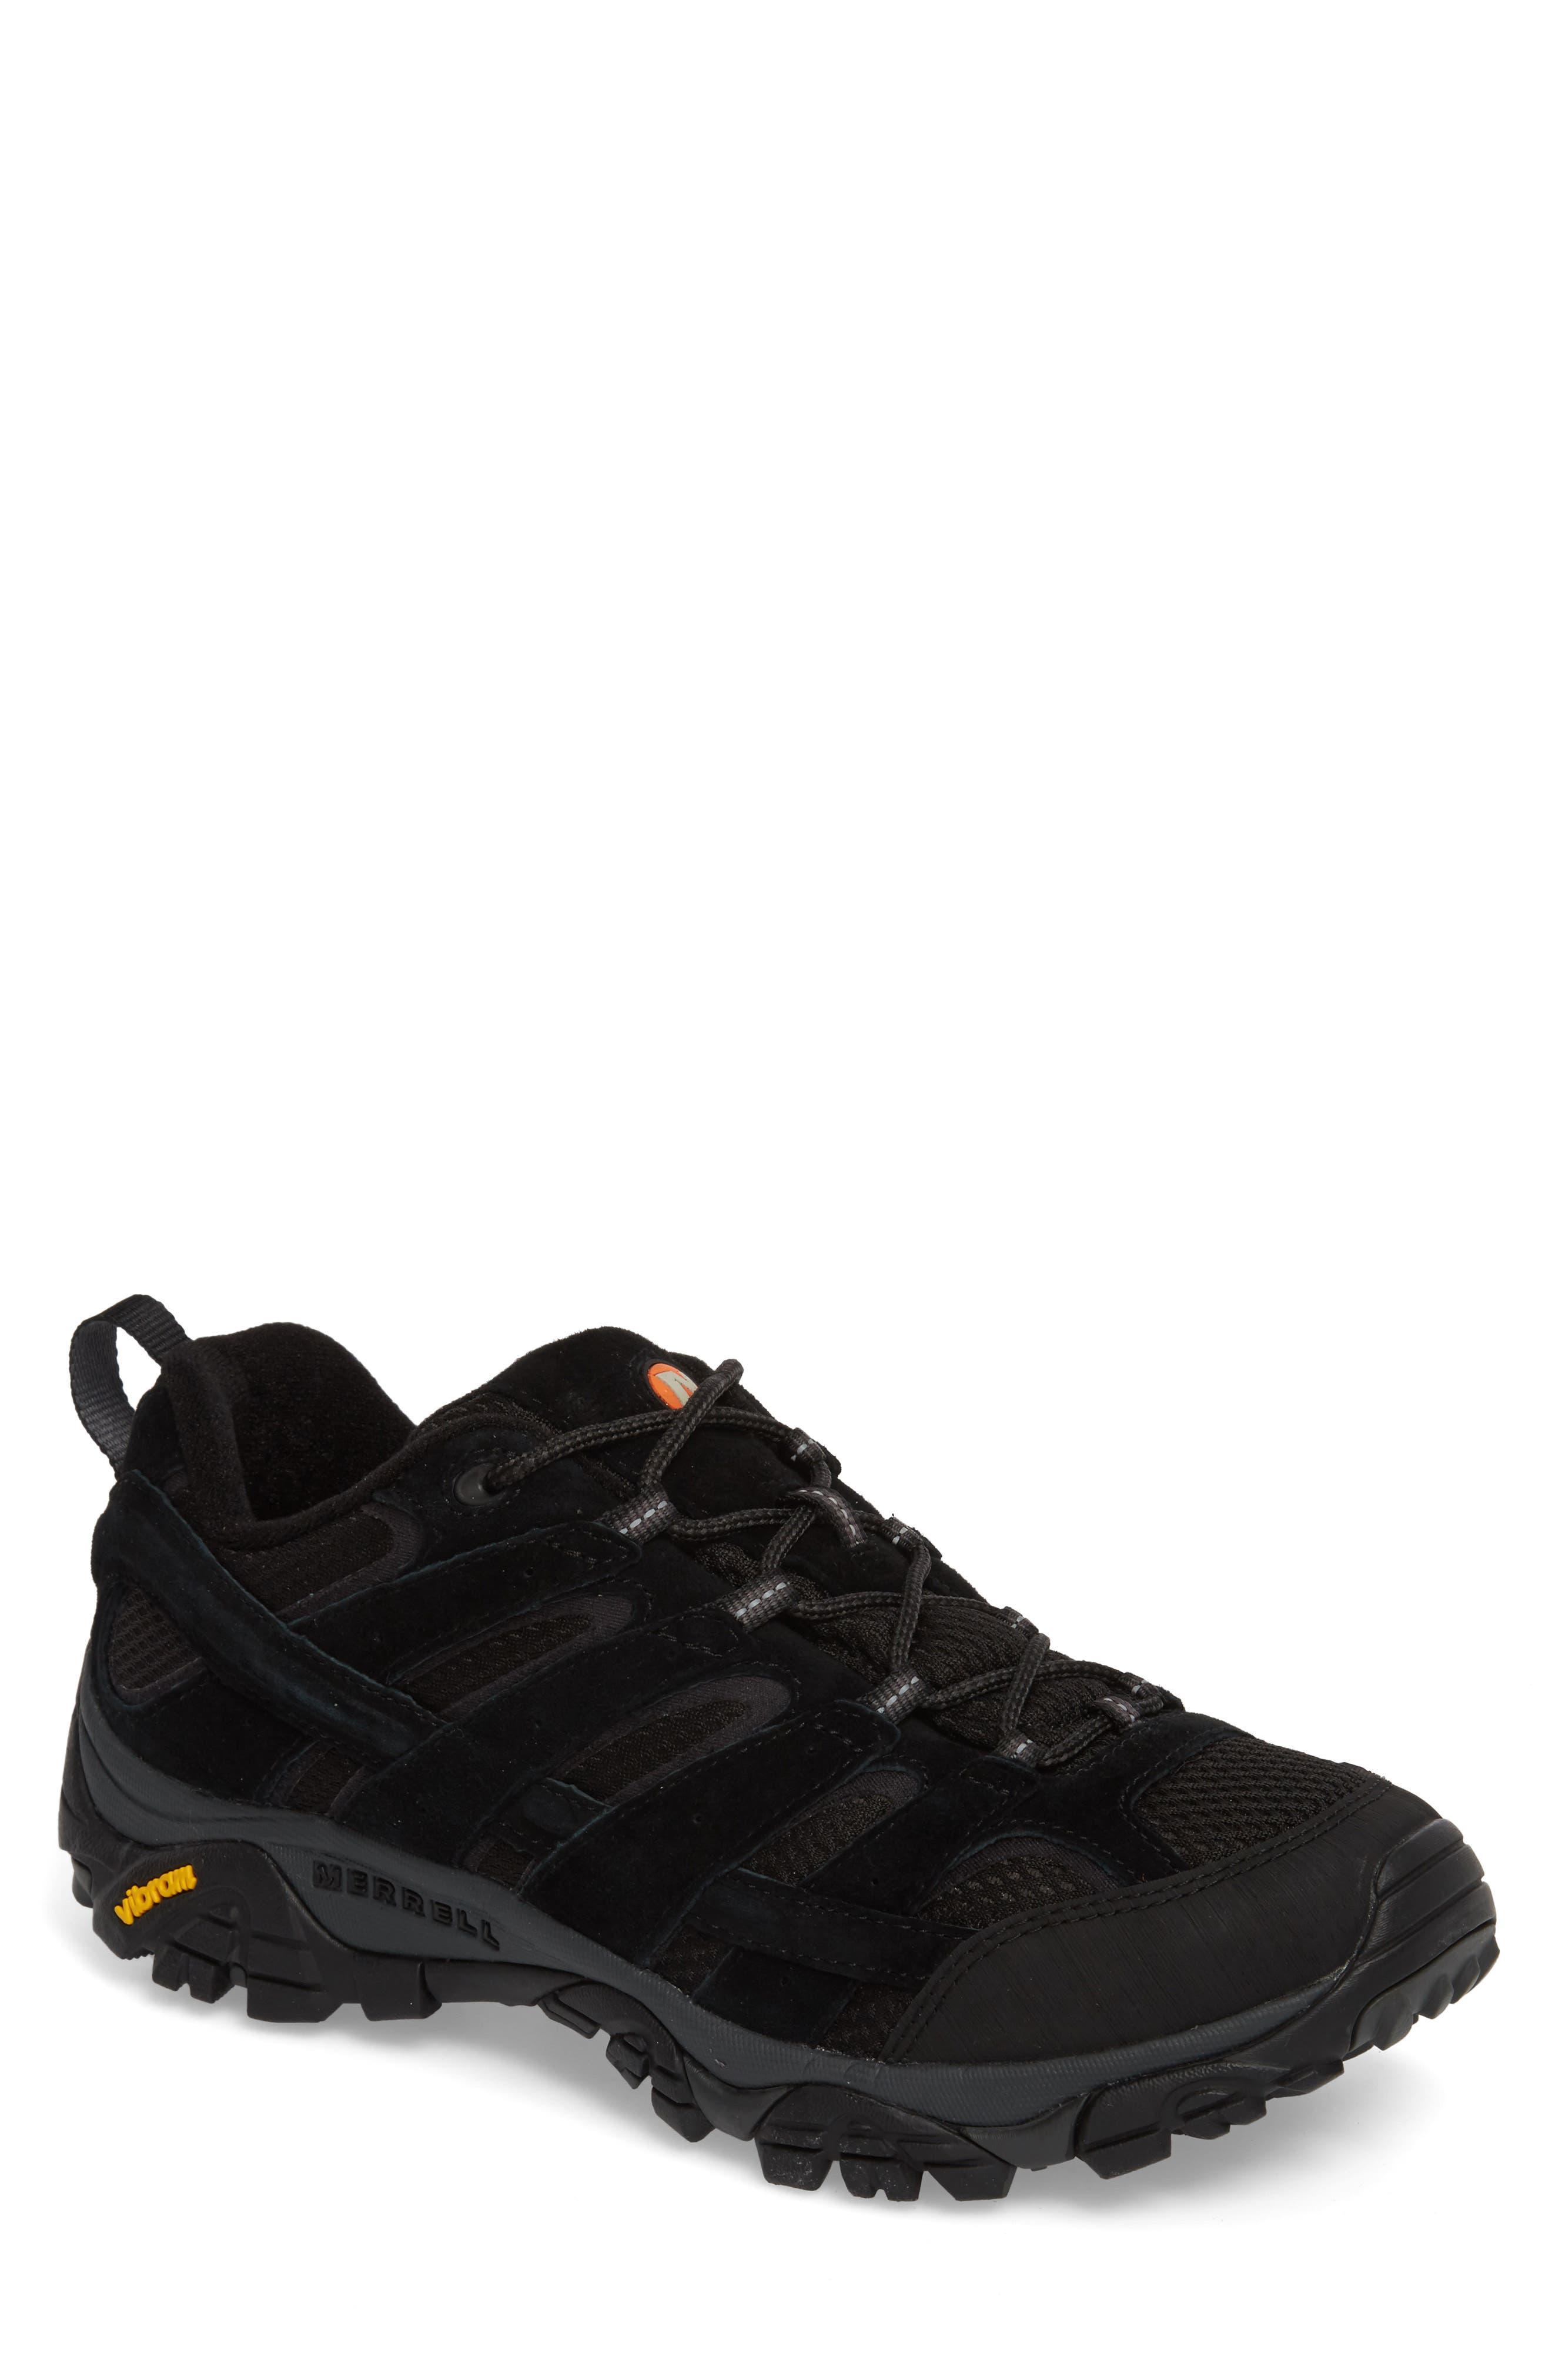 Moab 2 Ventilator Hiking Shoe,                             Main thumbnail 1, color,                             BLACK NIGHT